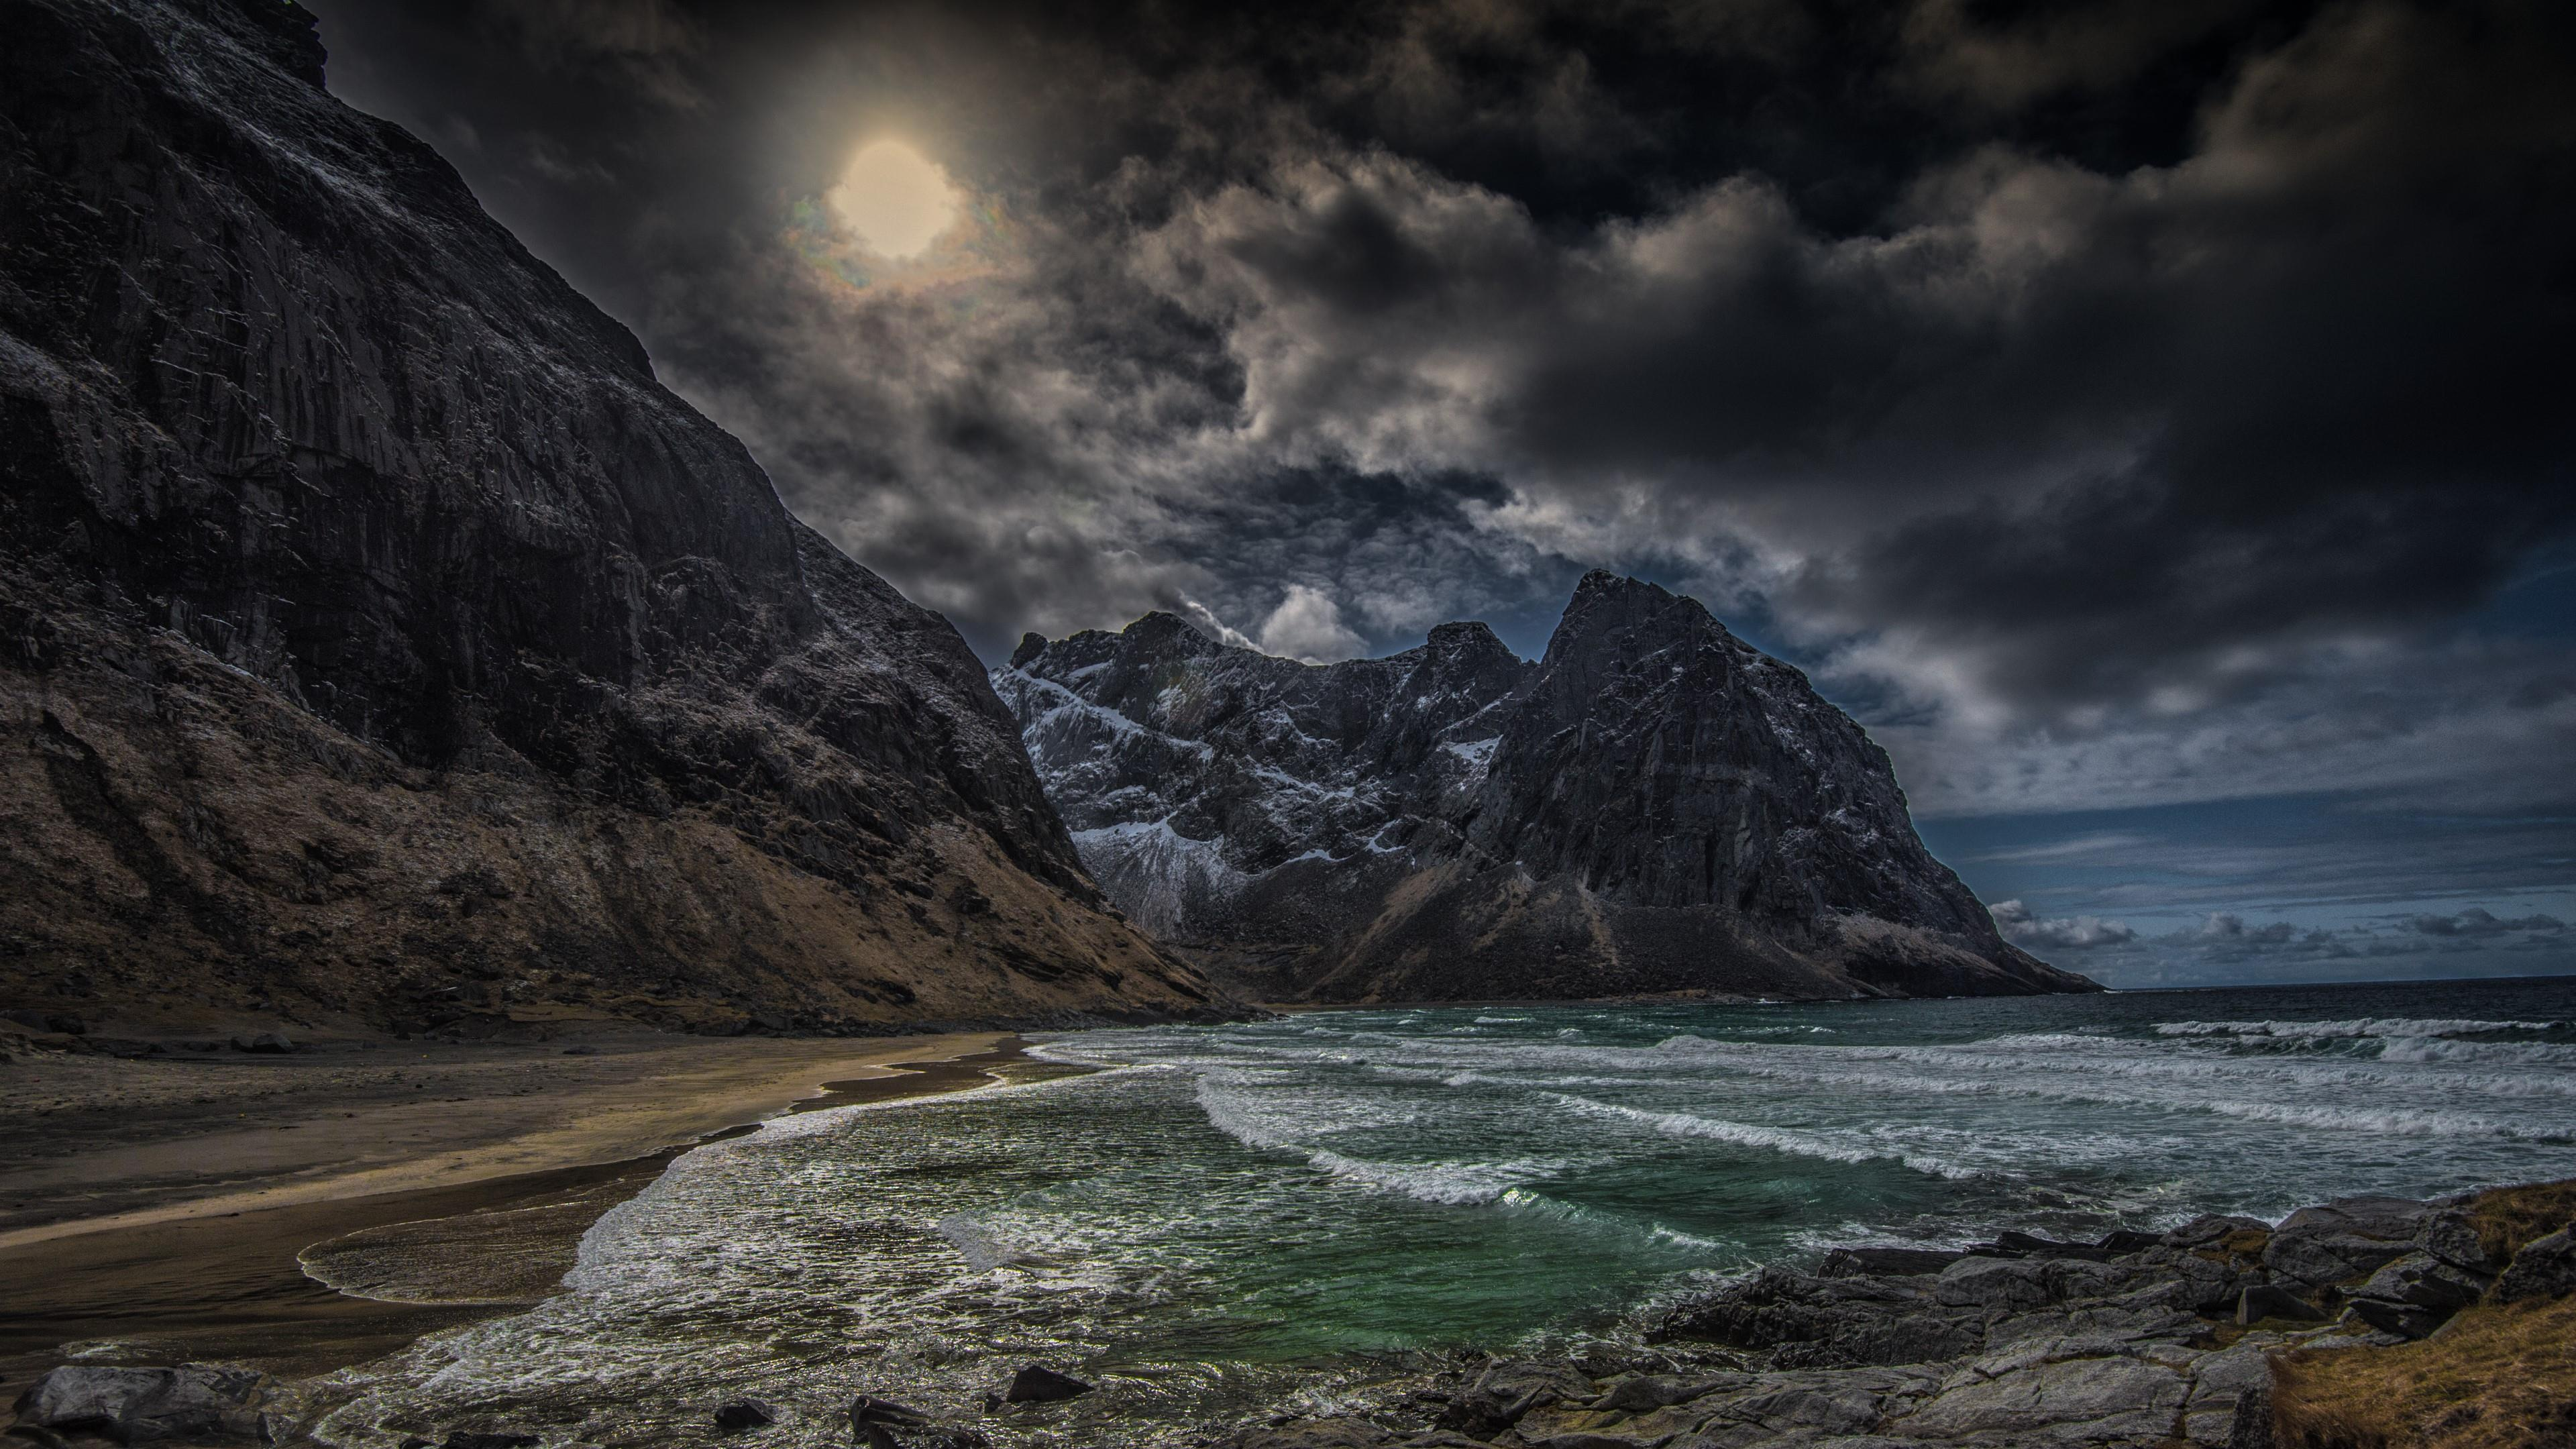 Twilight in Lofoten islands wallpaper